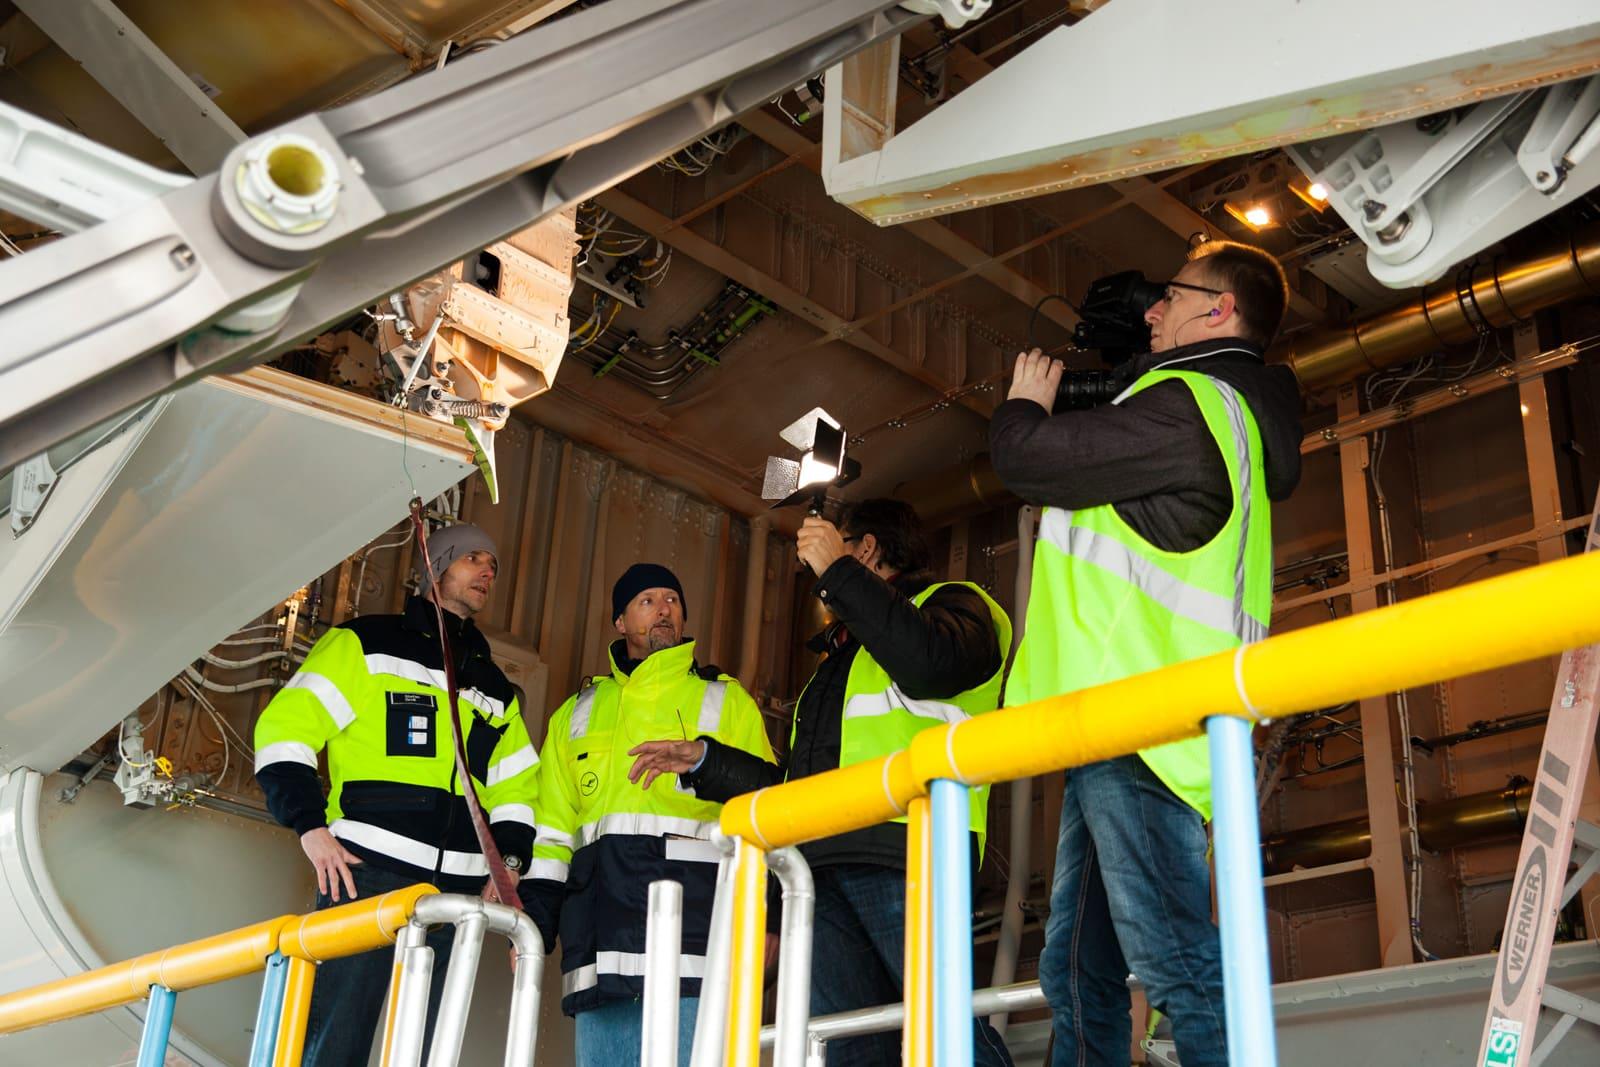 Dreharbeiten für Pilotseye tv in Seattle